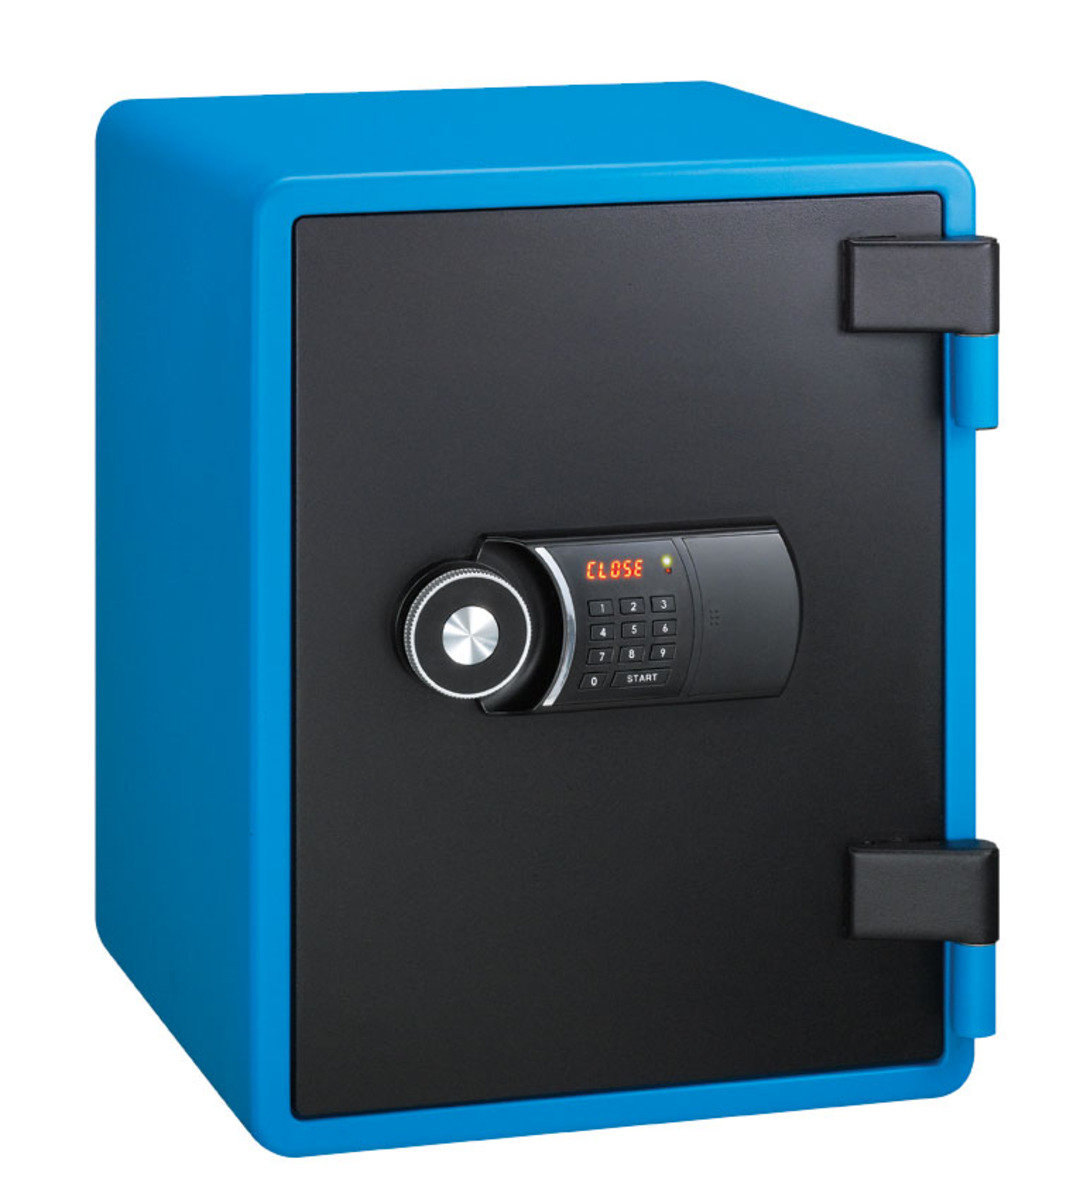 YESM-031D/DK/K2 電子密碼鎖/電子密碼鎖+鎖匙 /雙匙 (藍色)